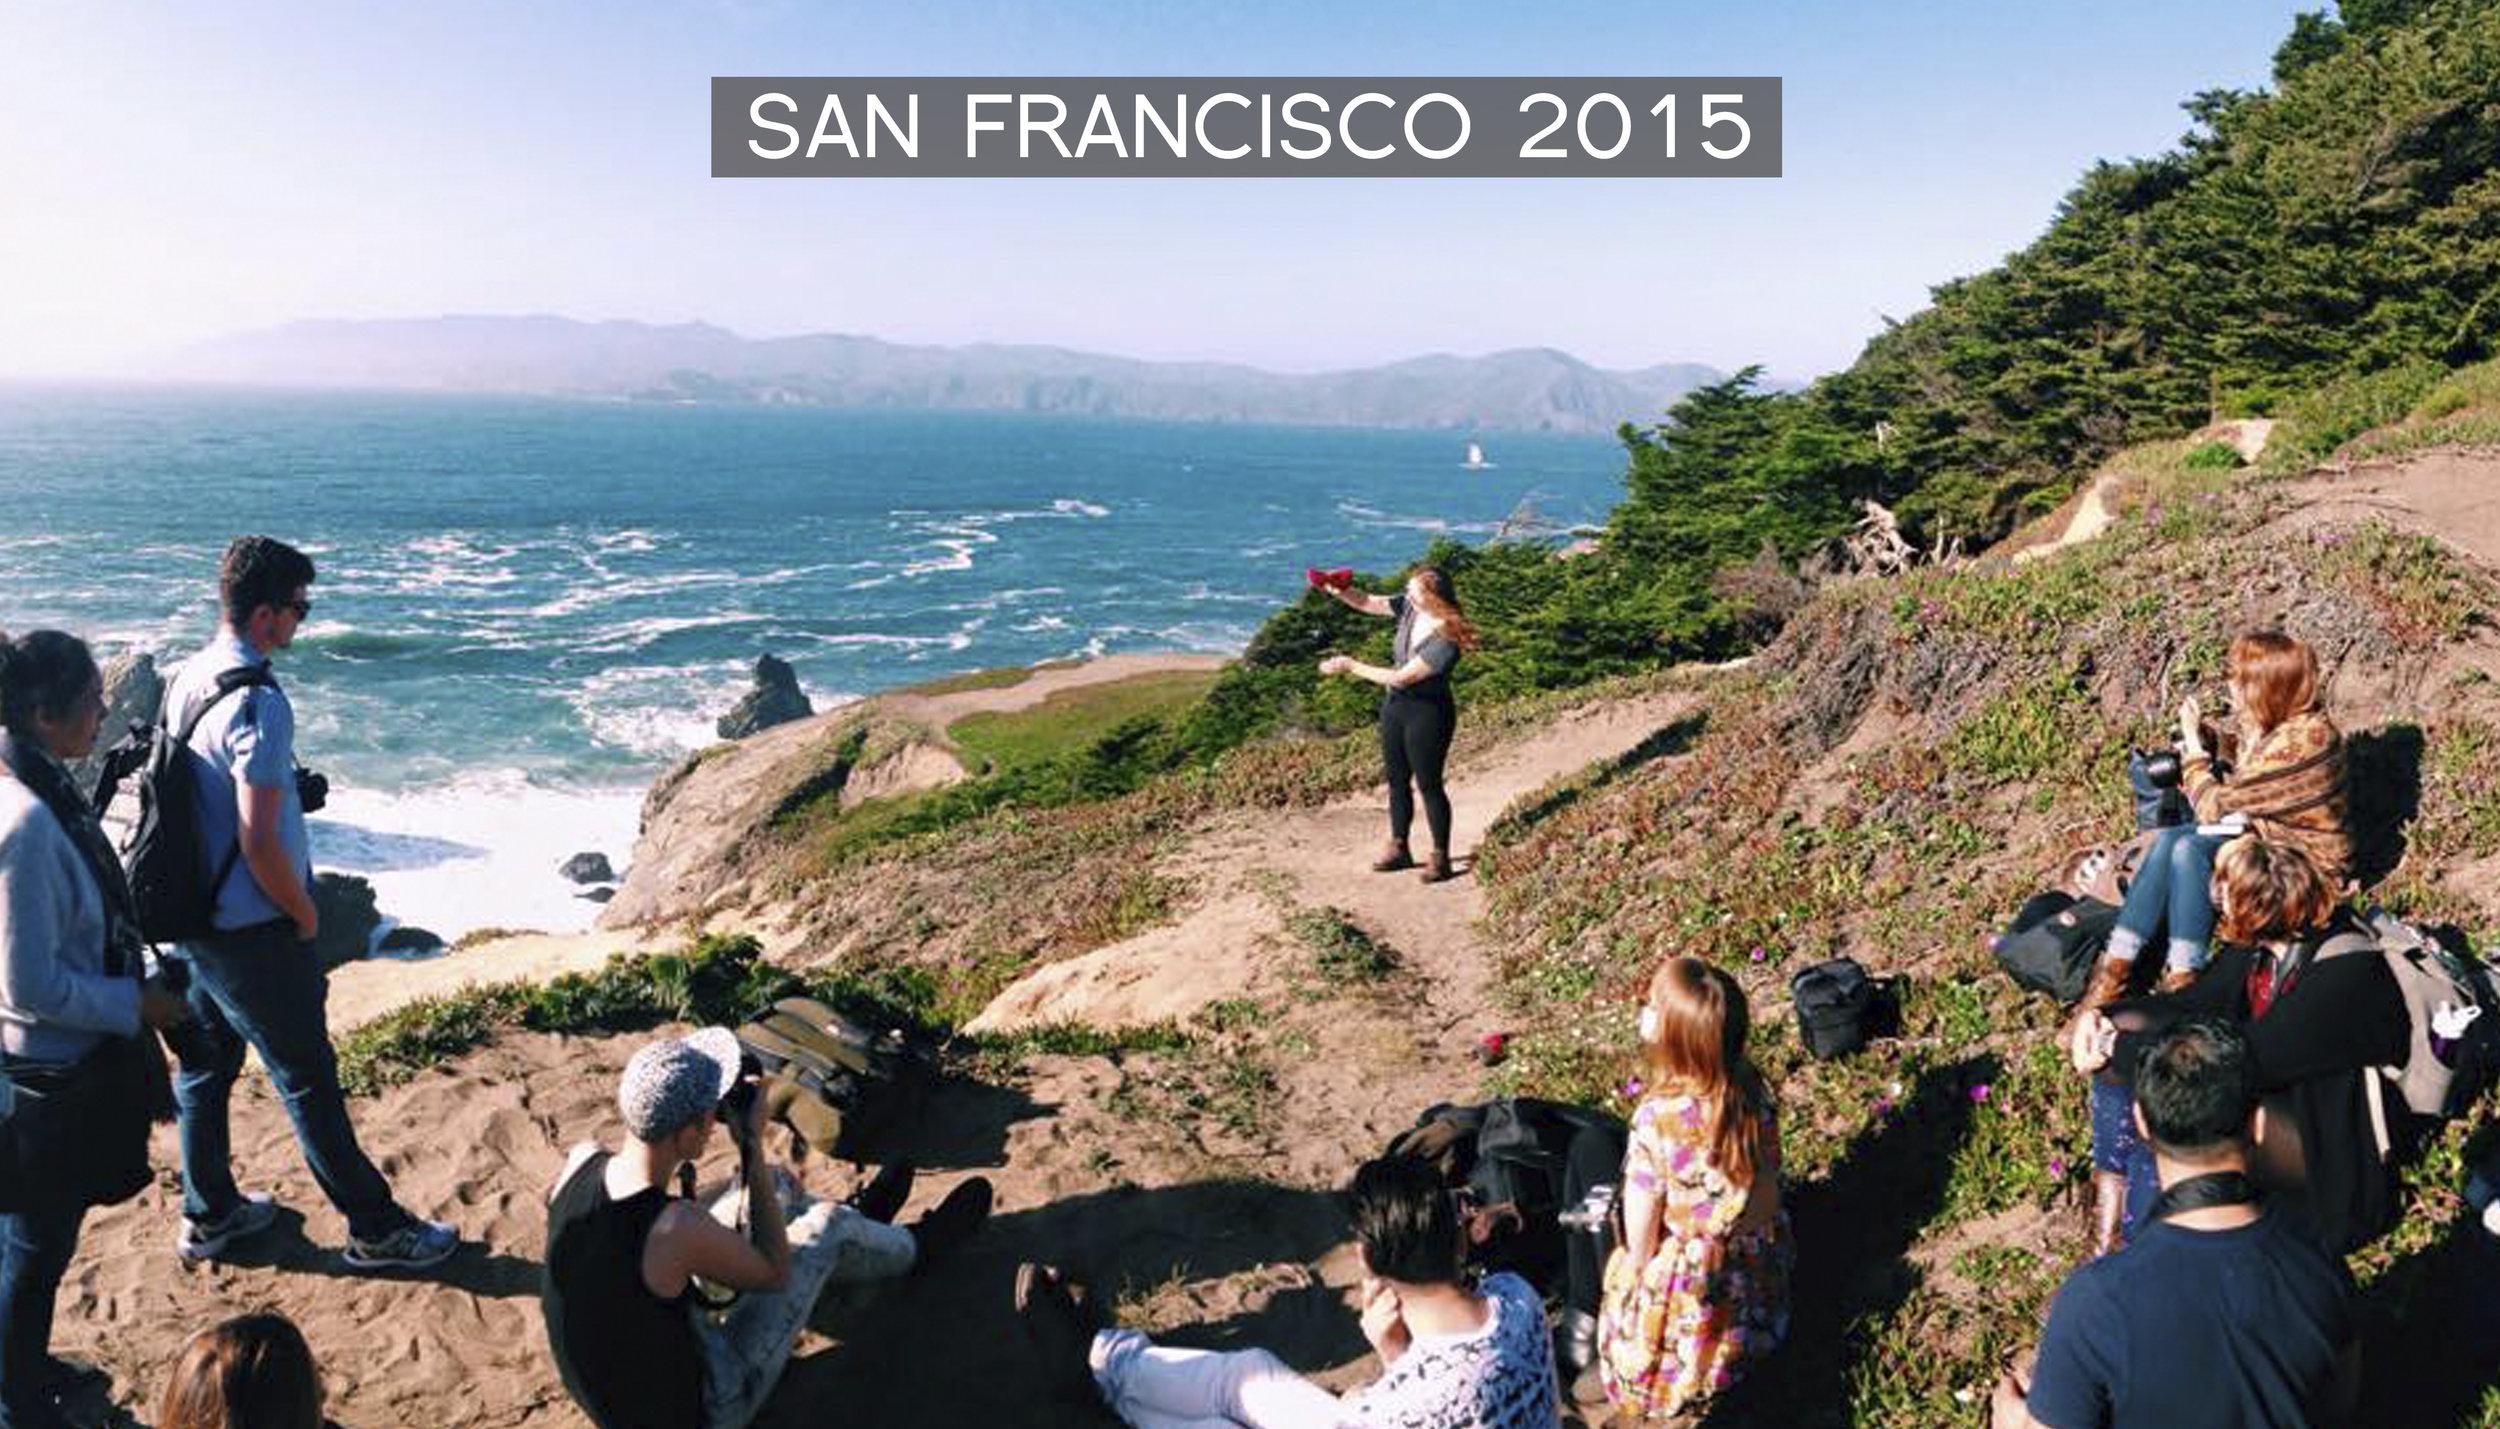 SF 2015.jpg